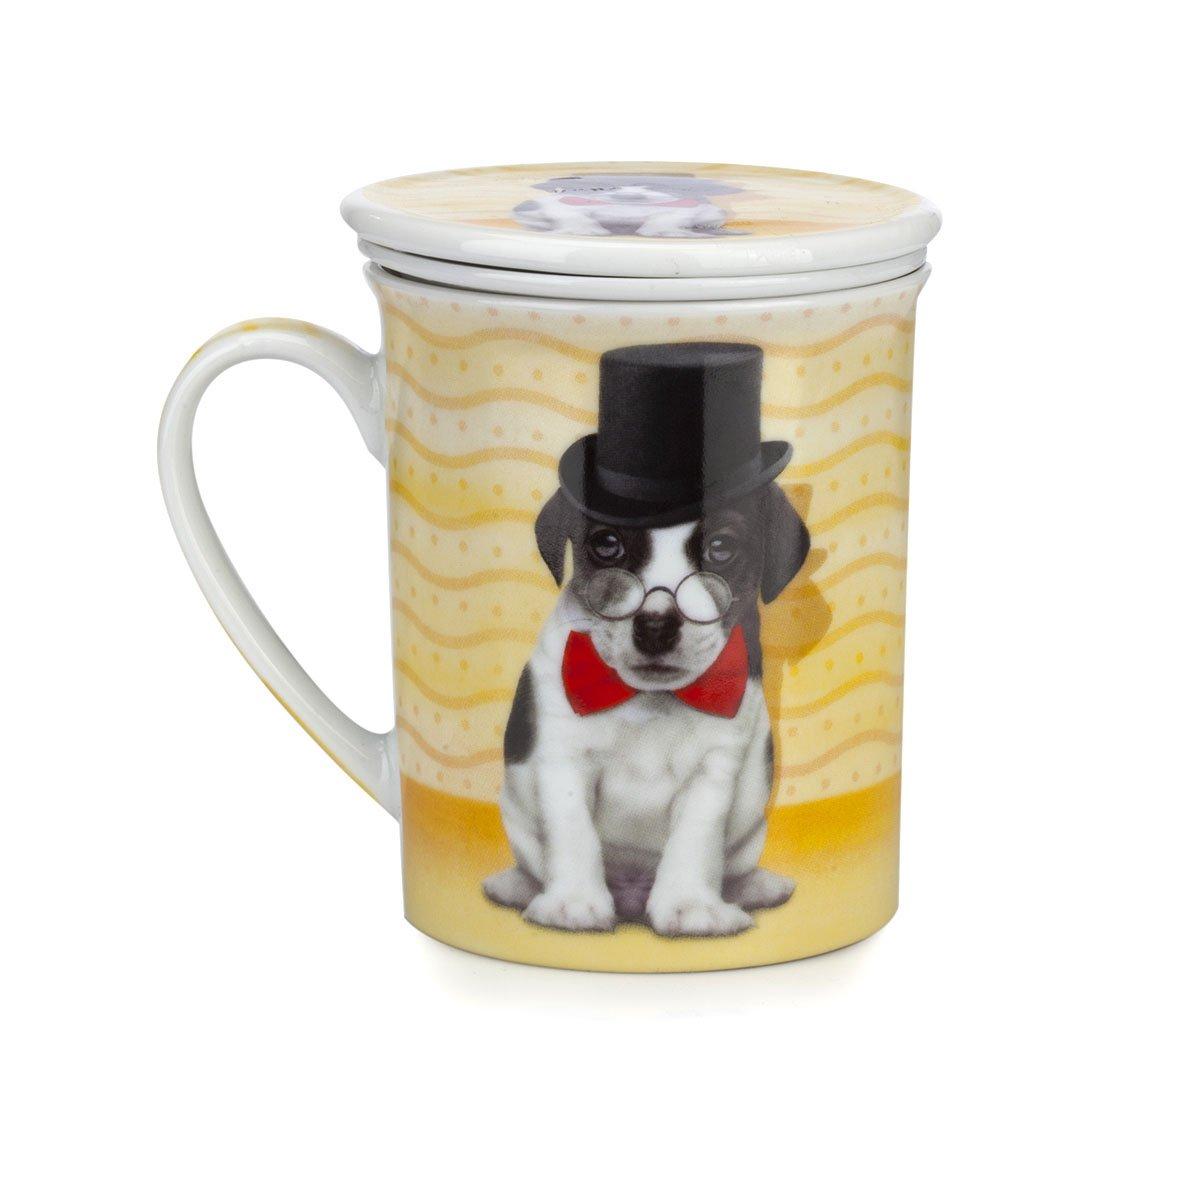 Taza de t con tapa animales 3 modelos a elegir for Tazas de te con tapa